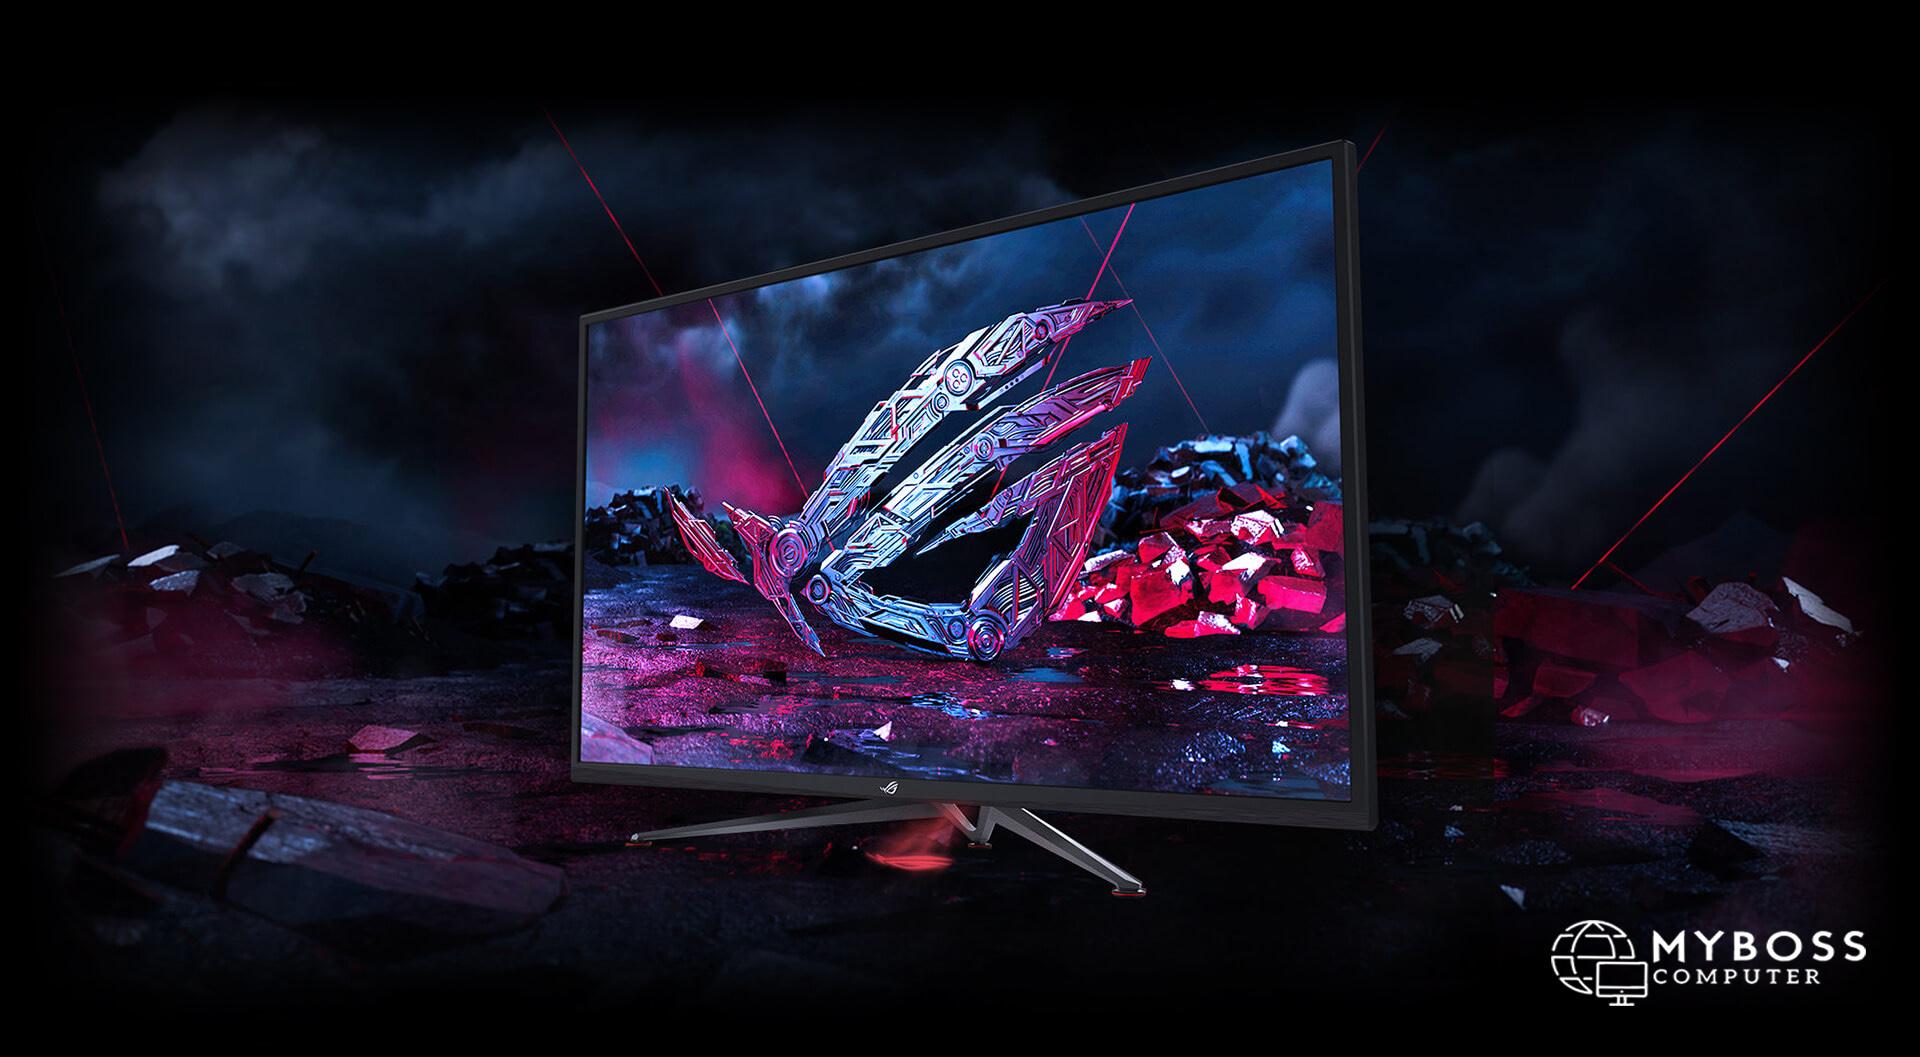 """Asus trình làng mẫu màn hình chơi game """"Siêu khủng"""" ROG Strix XG438Q - chiến game siêu hạng"""